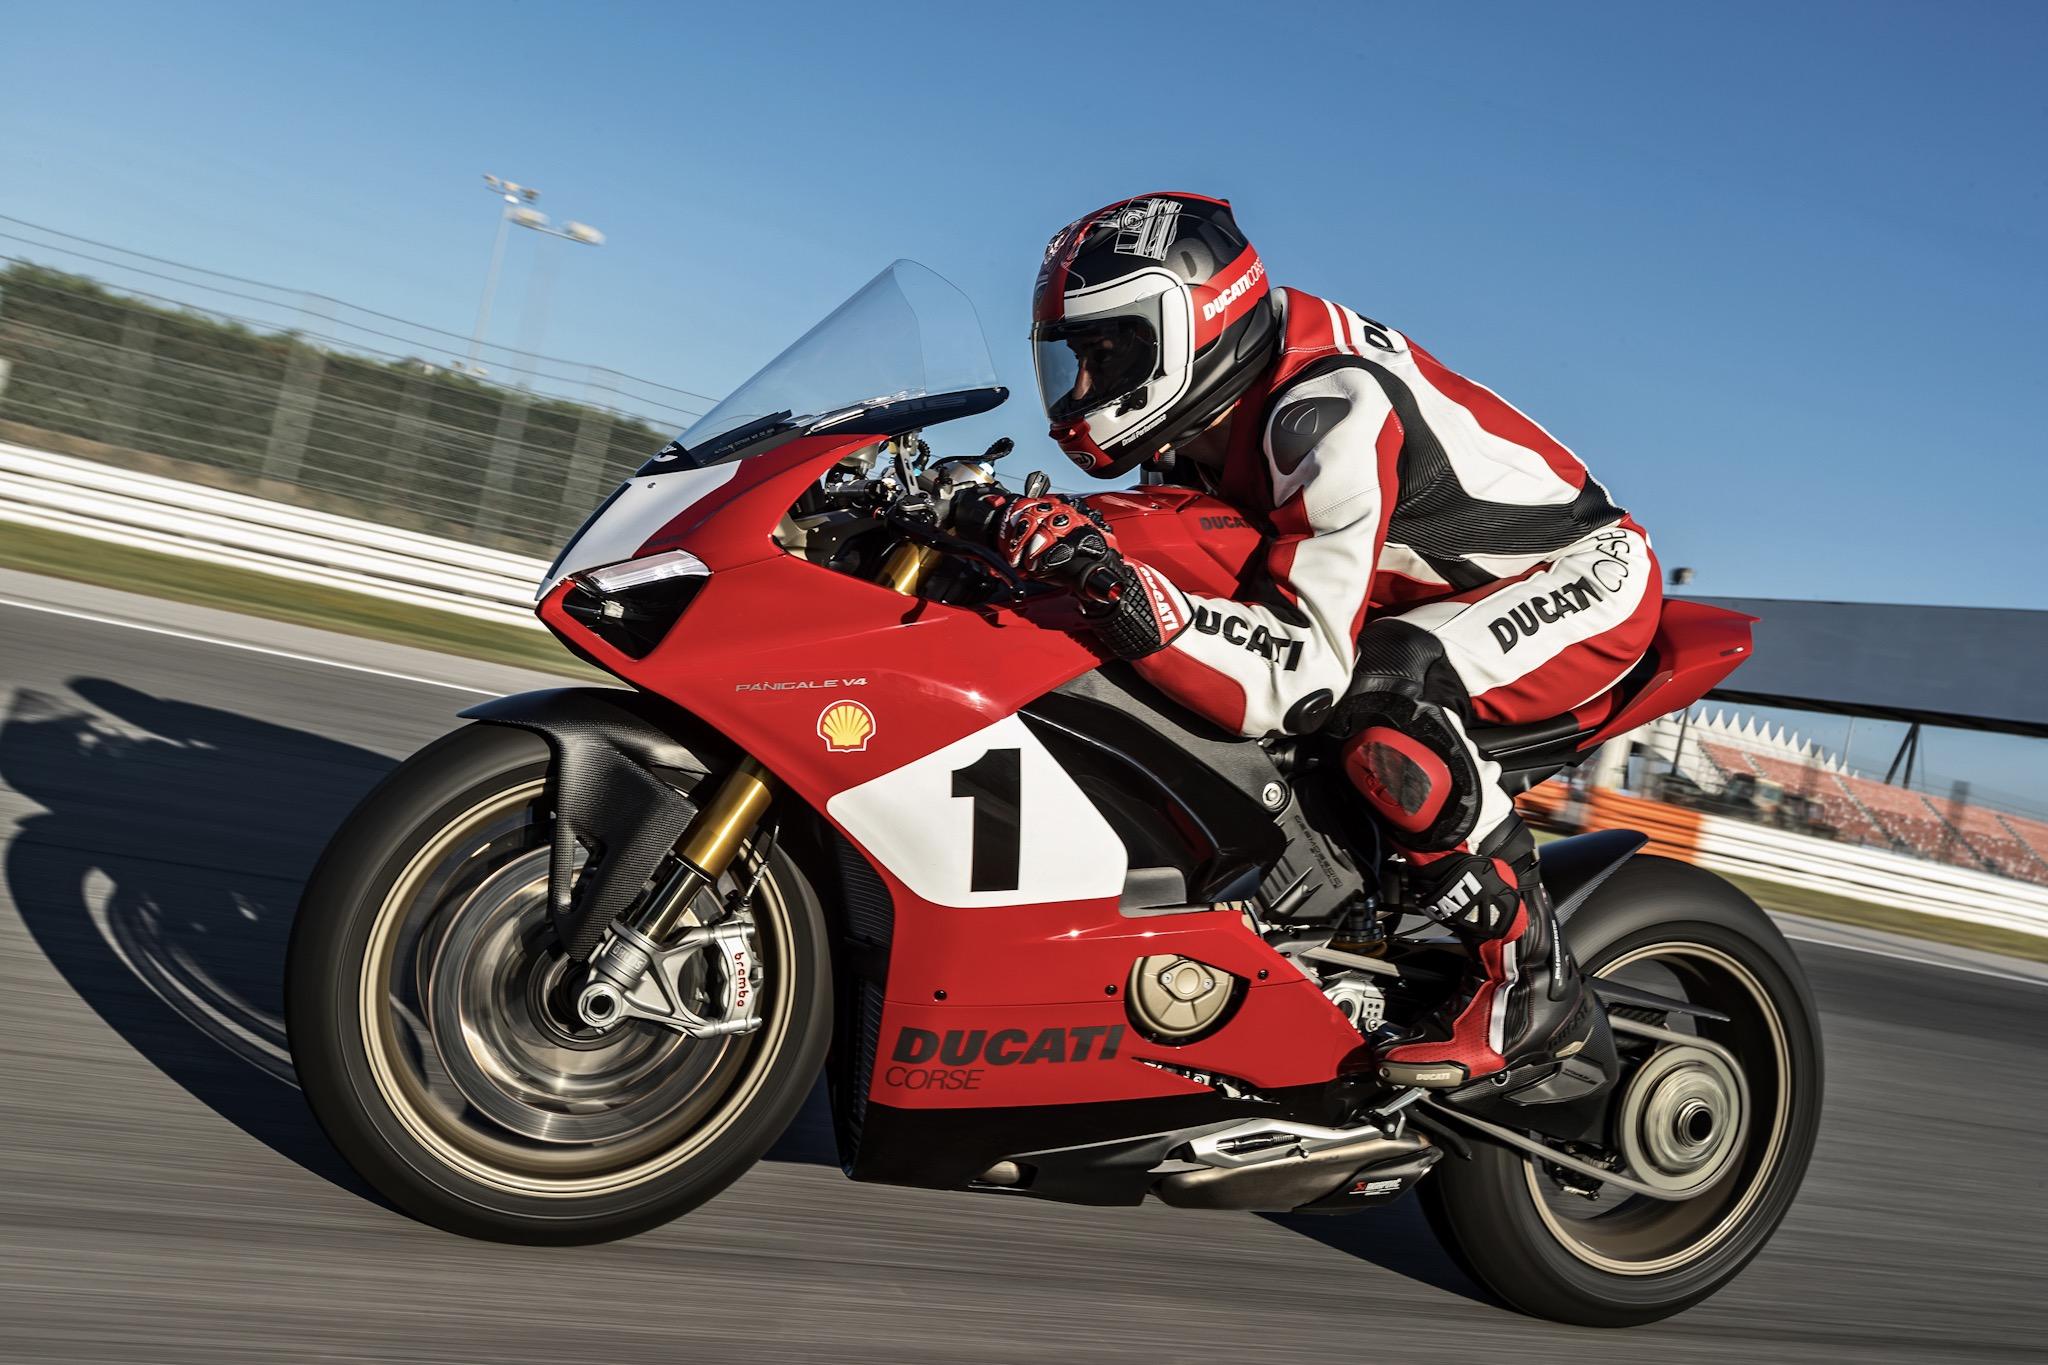 Ducati Panigale V4 25 Anniversario 916, la despampanante nueva edición limitada de Ducati